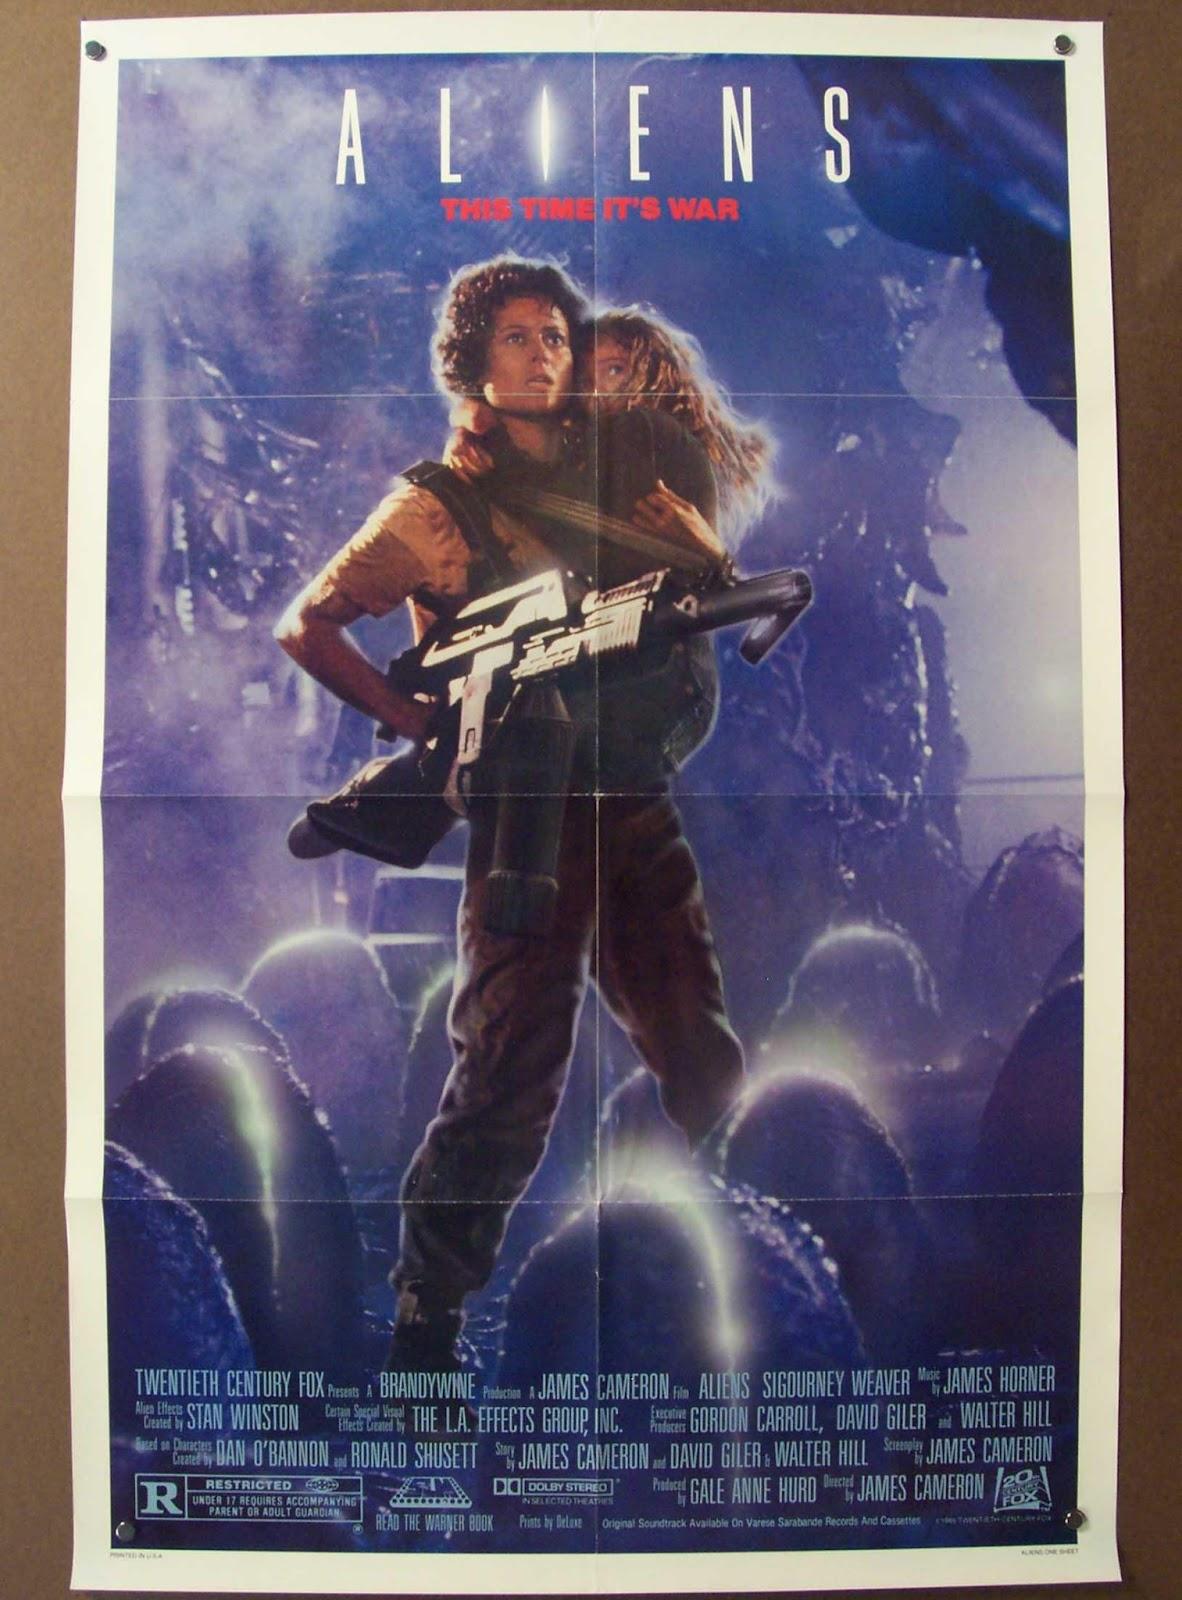 http://3.bp.blogspot.com/-9uF4kj5uf-w/T5cWzGPlqRI/AAAAAAAAC1A/kVXQ0lUIIrU/s1600/Aliens_poster.jpg